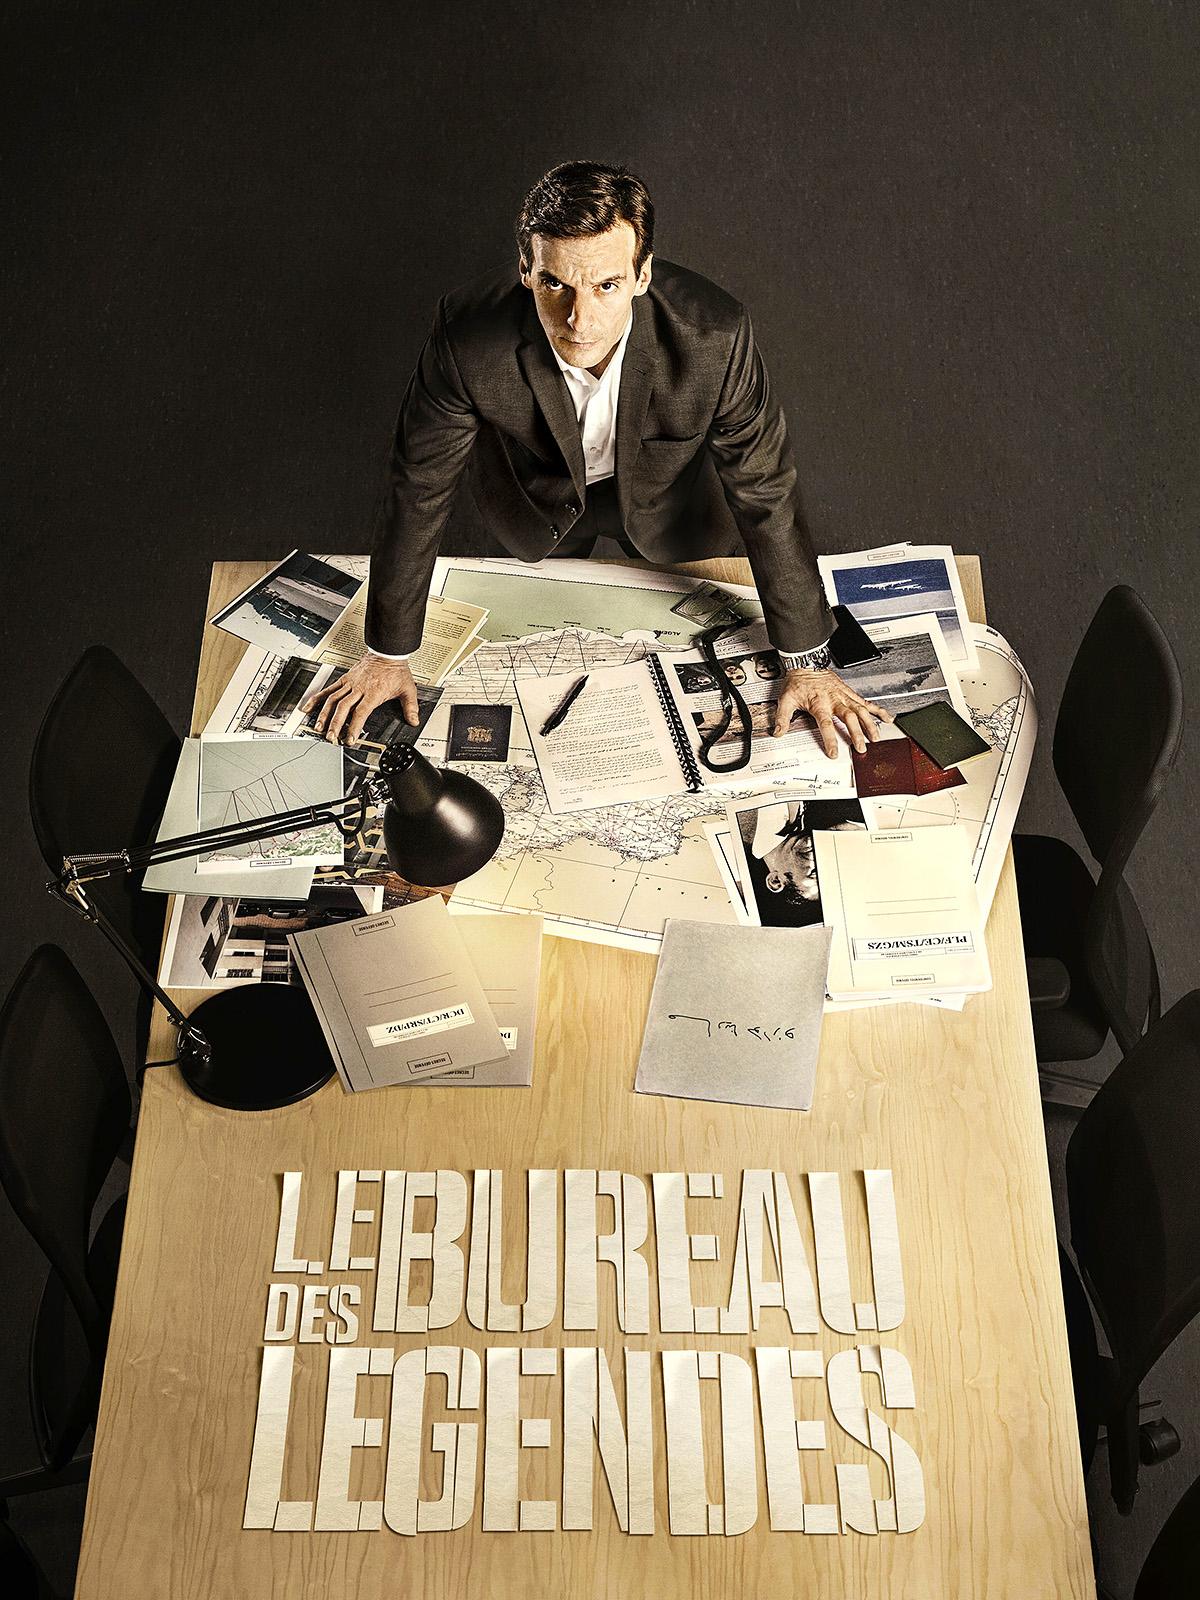 Le Bureau des Légendes kapak